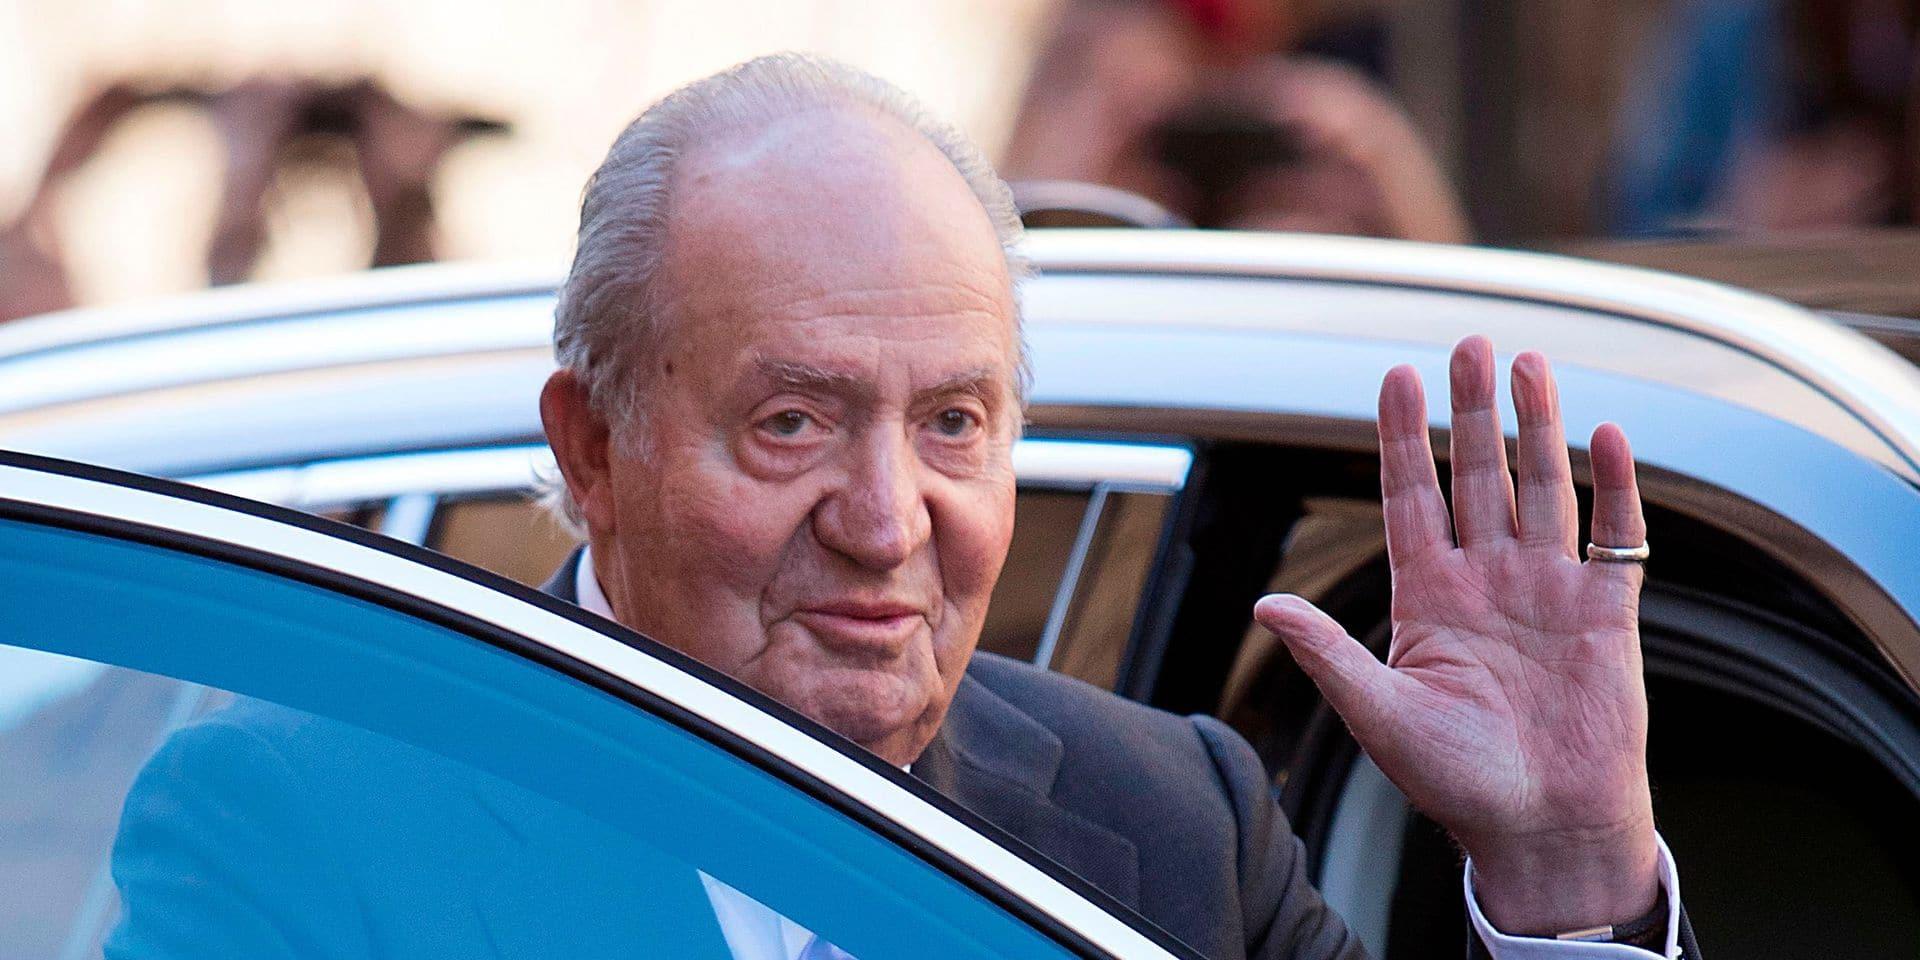 Dans le viseur de la justice, l'ex-roi d'Espagne Juan Carlos a soumis une déclaration pour régulariser sa situation fiscale